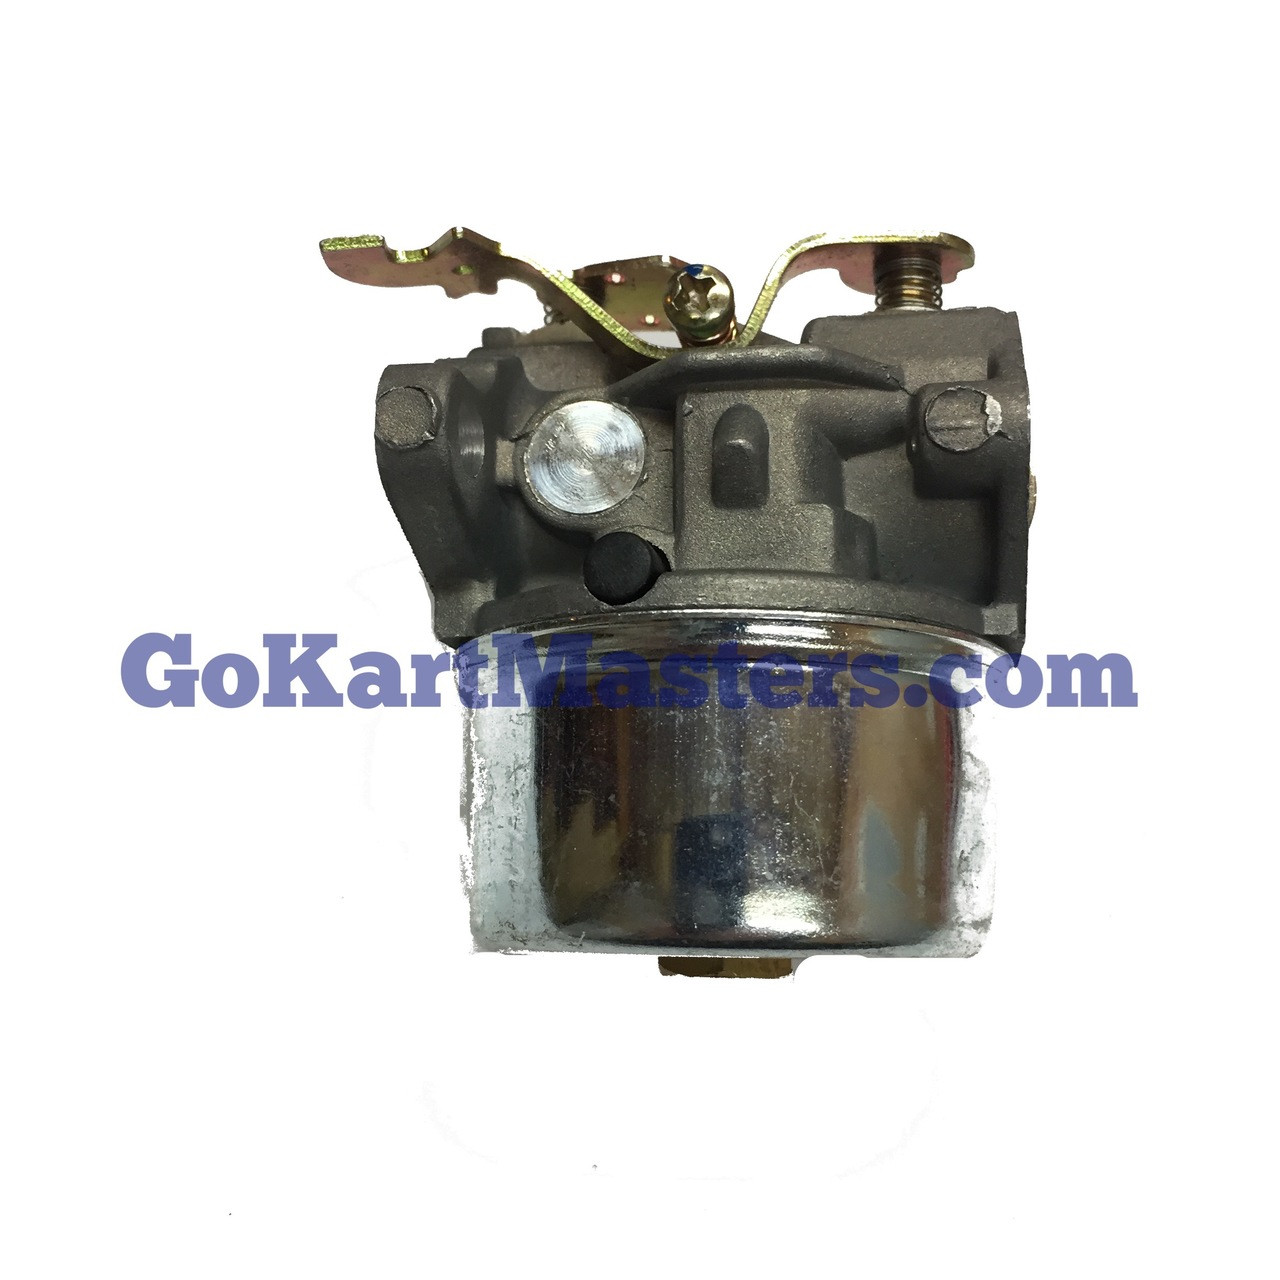 Tecumseh Engine Carburetor Parts Diagram Related Images